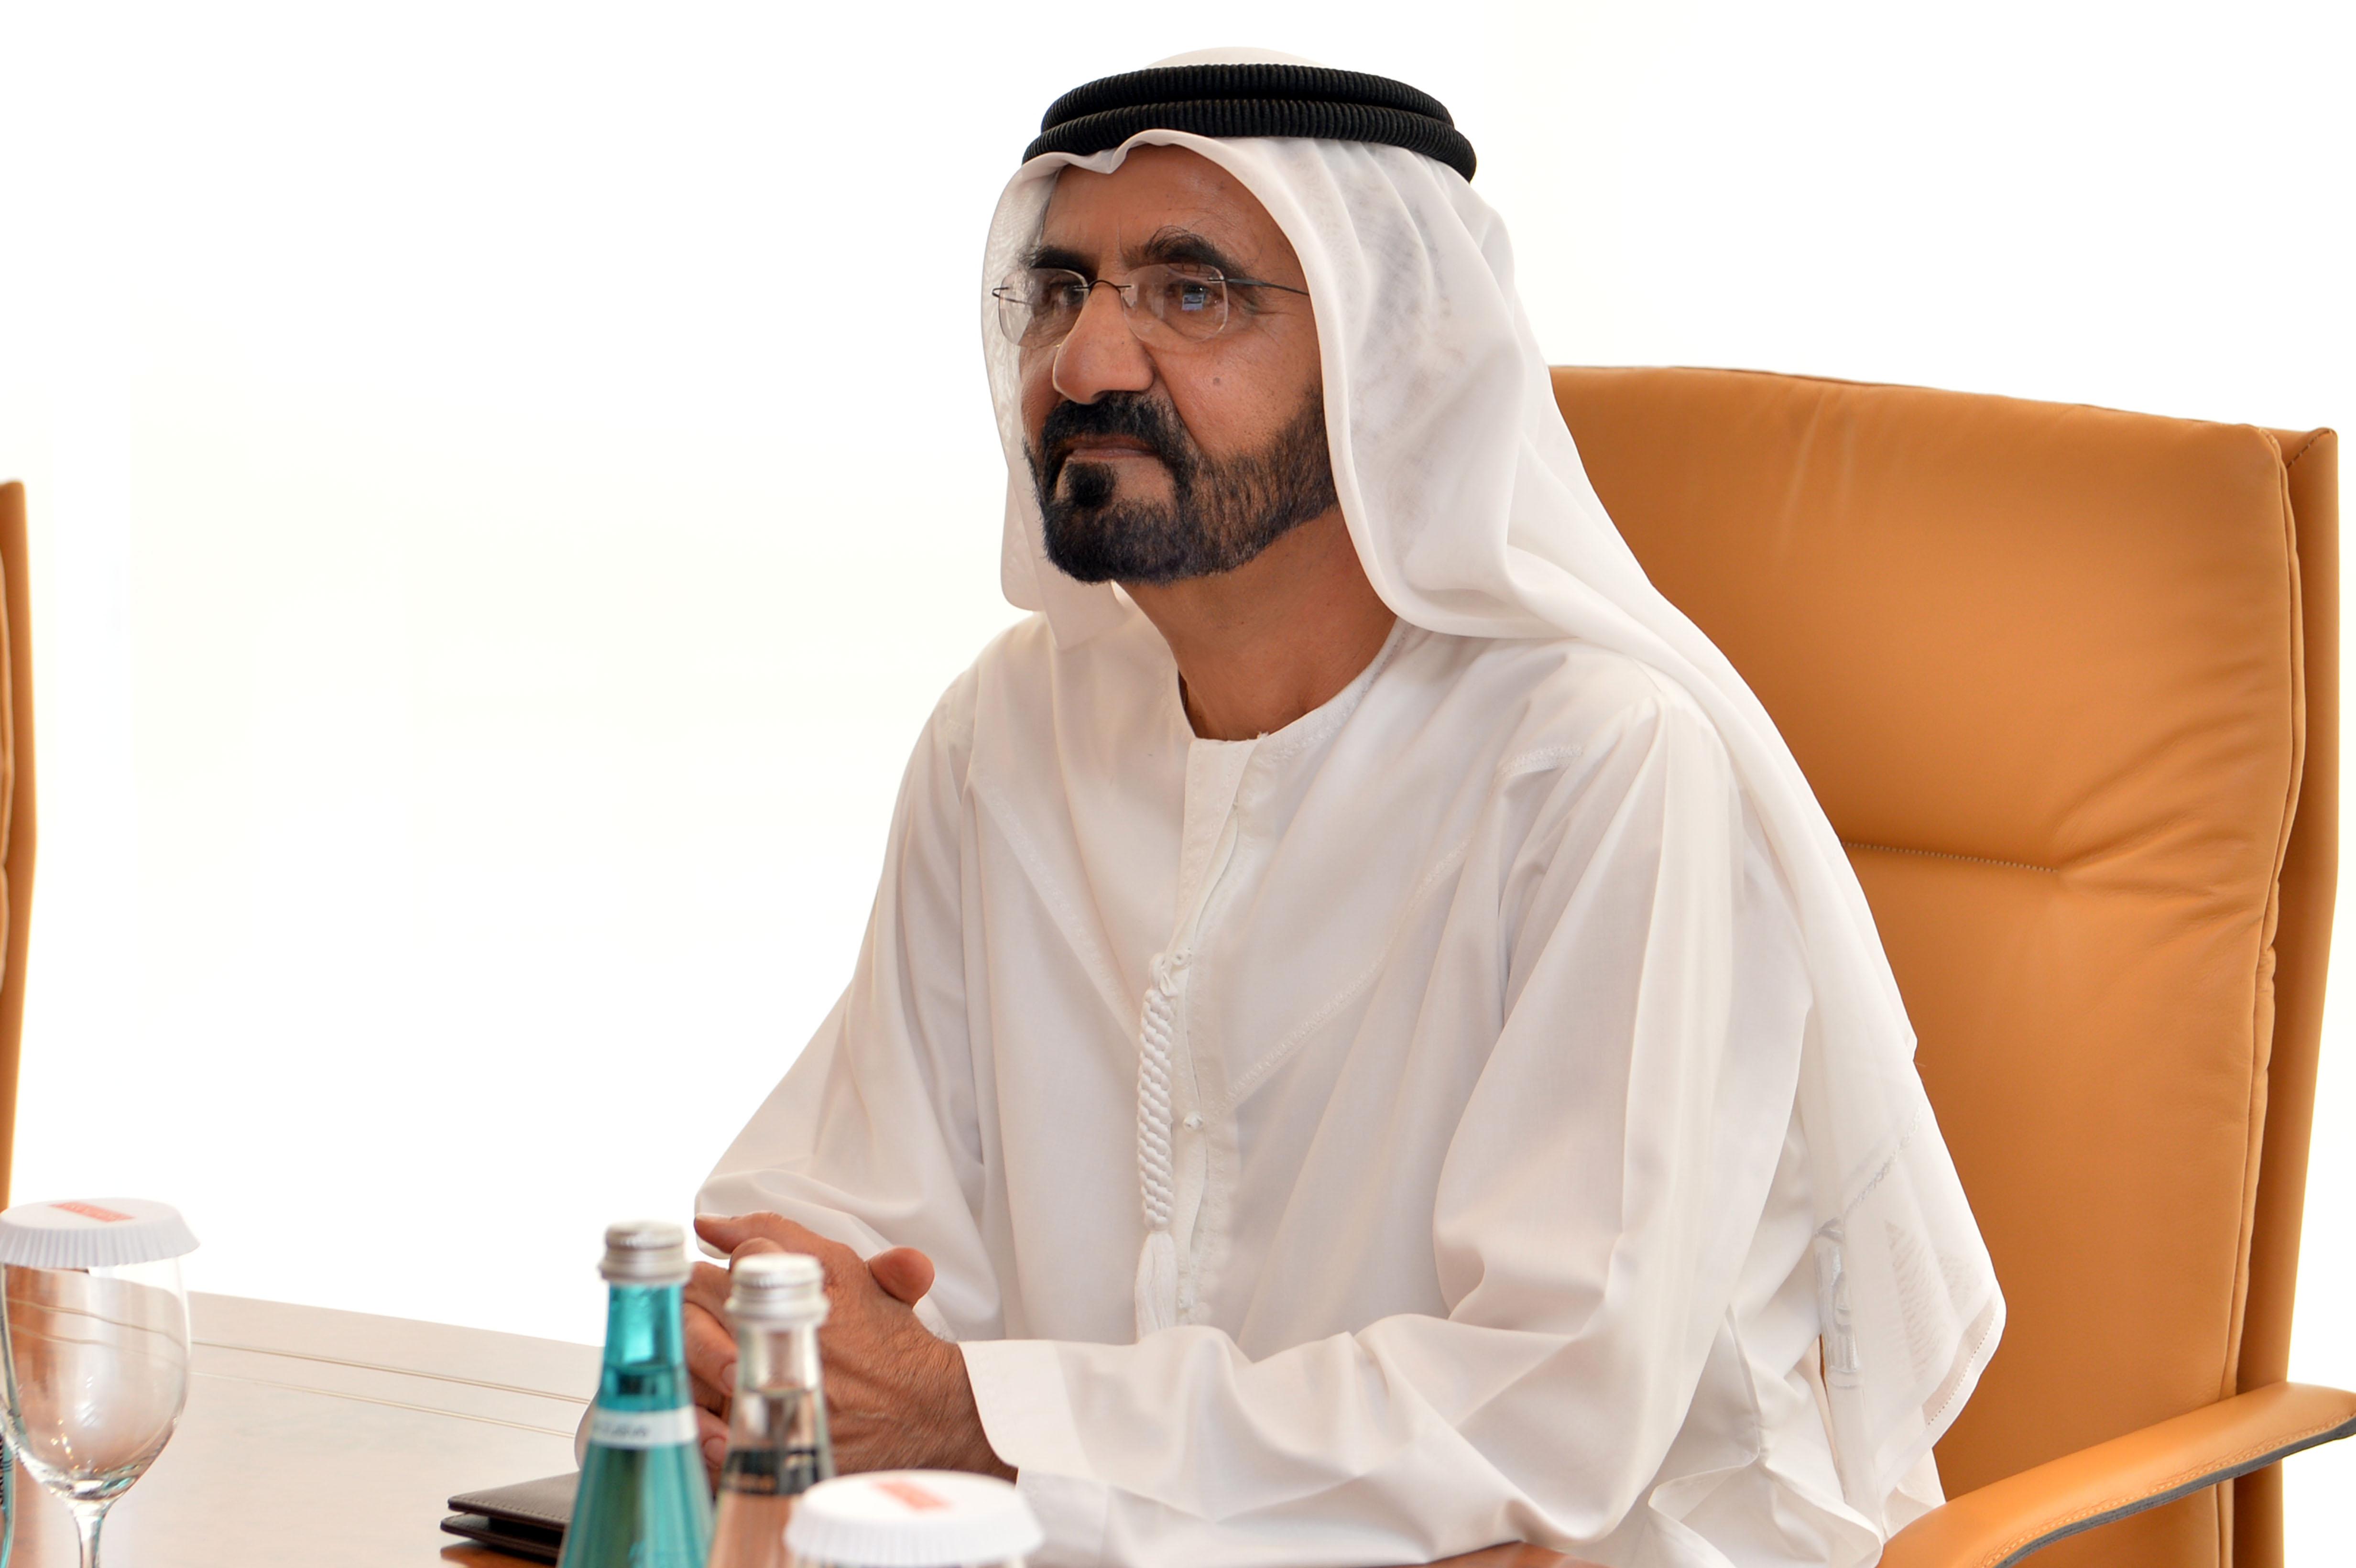 صاحب السمو الشيخ محمد بن راشد آل مكتوم - منك نتعلم الإيجابية